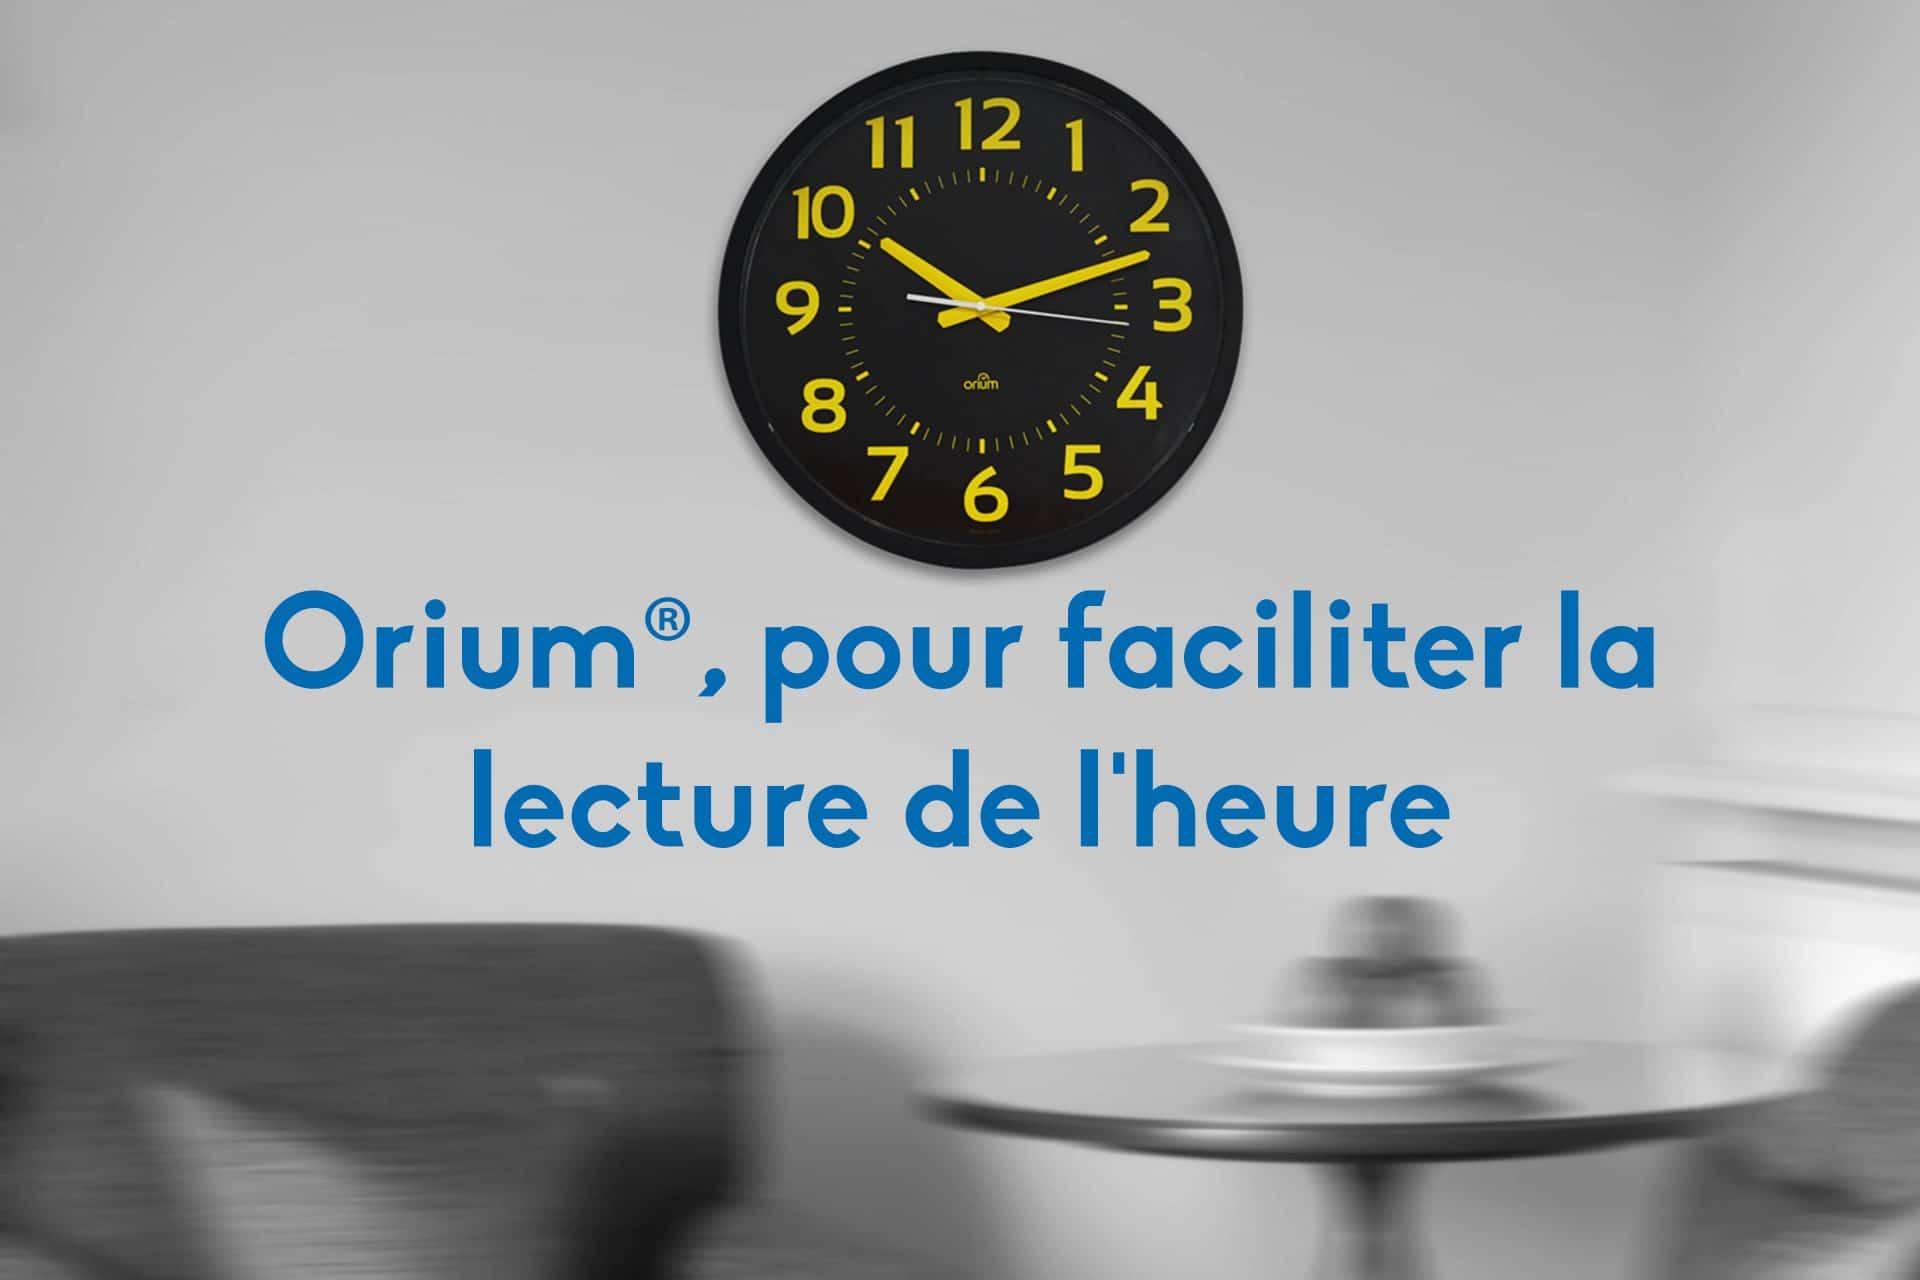 Des horloges, des montres et des réveils adaptés pour faciliter la lecture de l'heure!